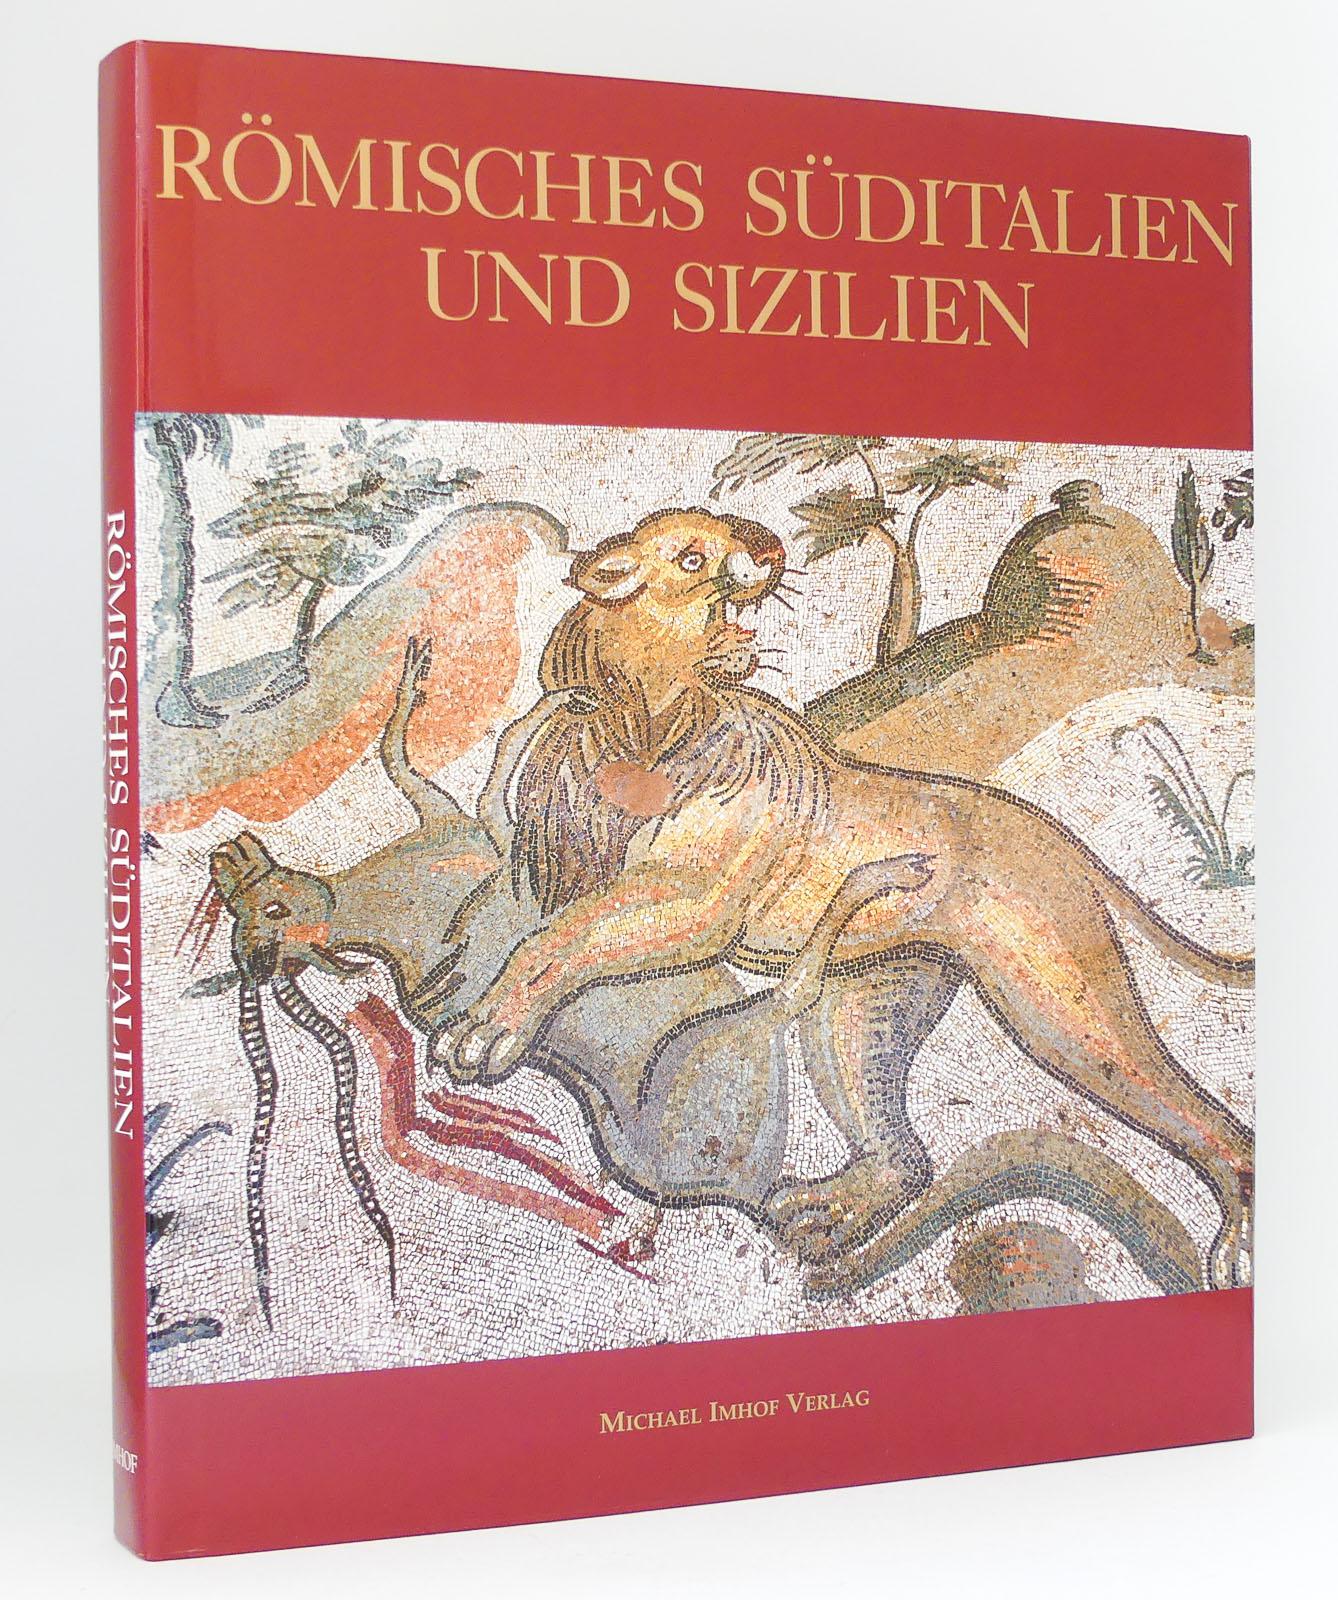 Römisches Süditalien und Sizilien : Kunst und: Coarelli, Filippo [Hg.]